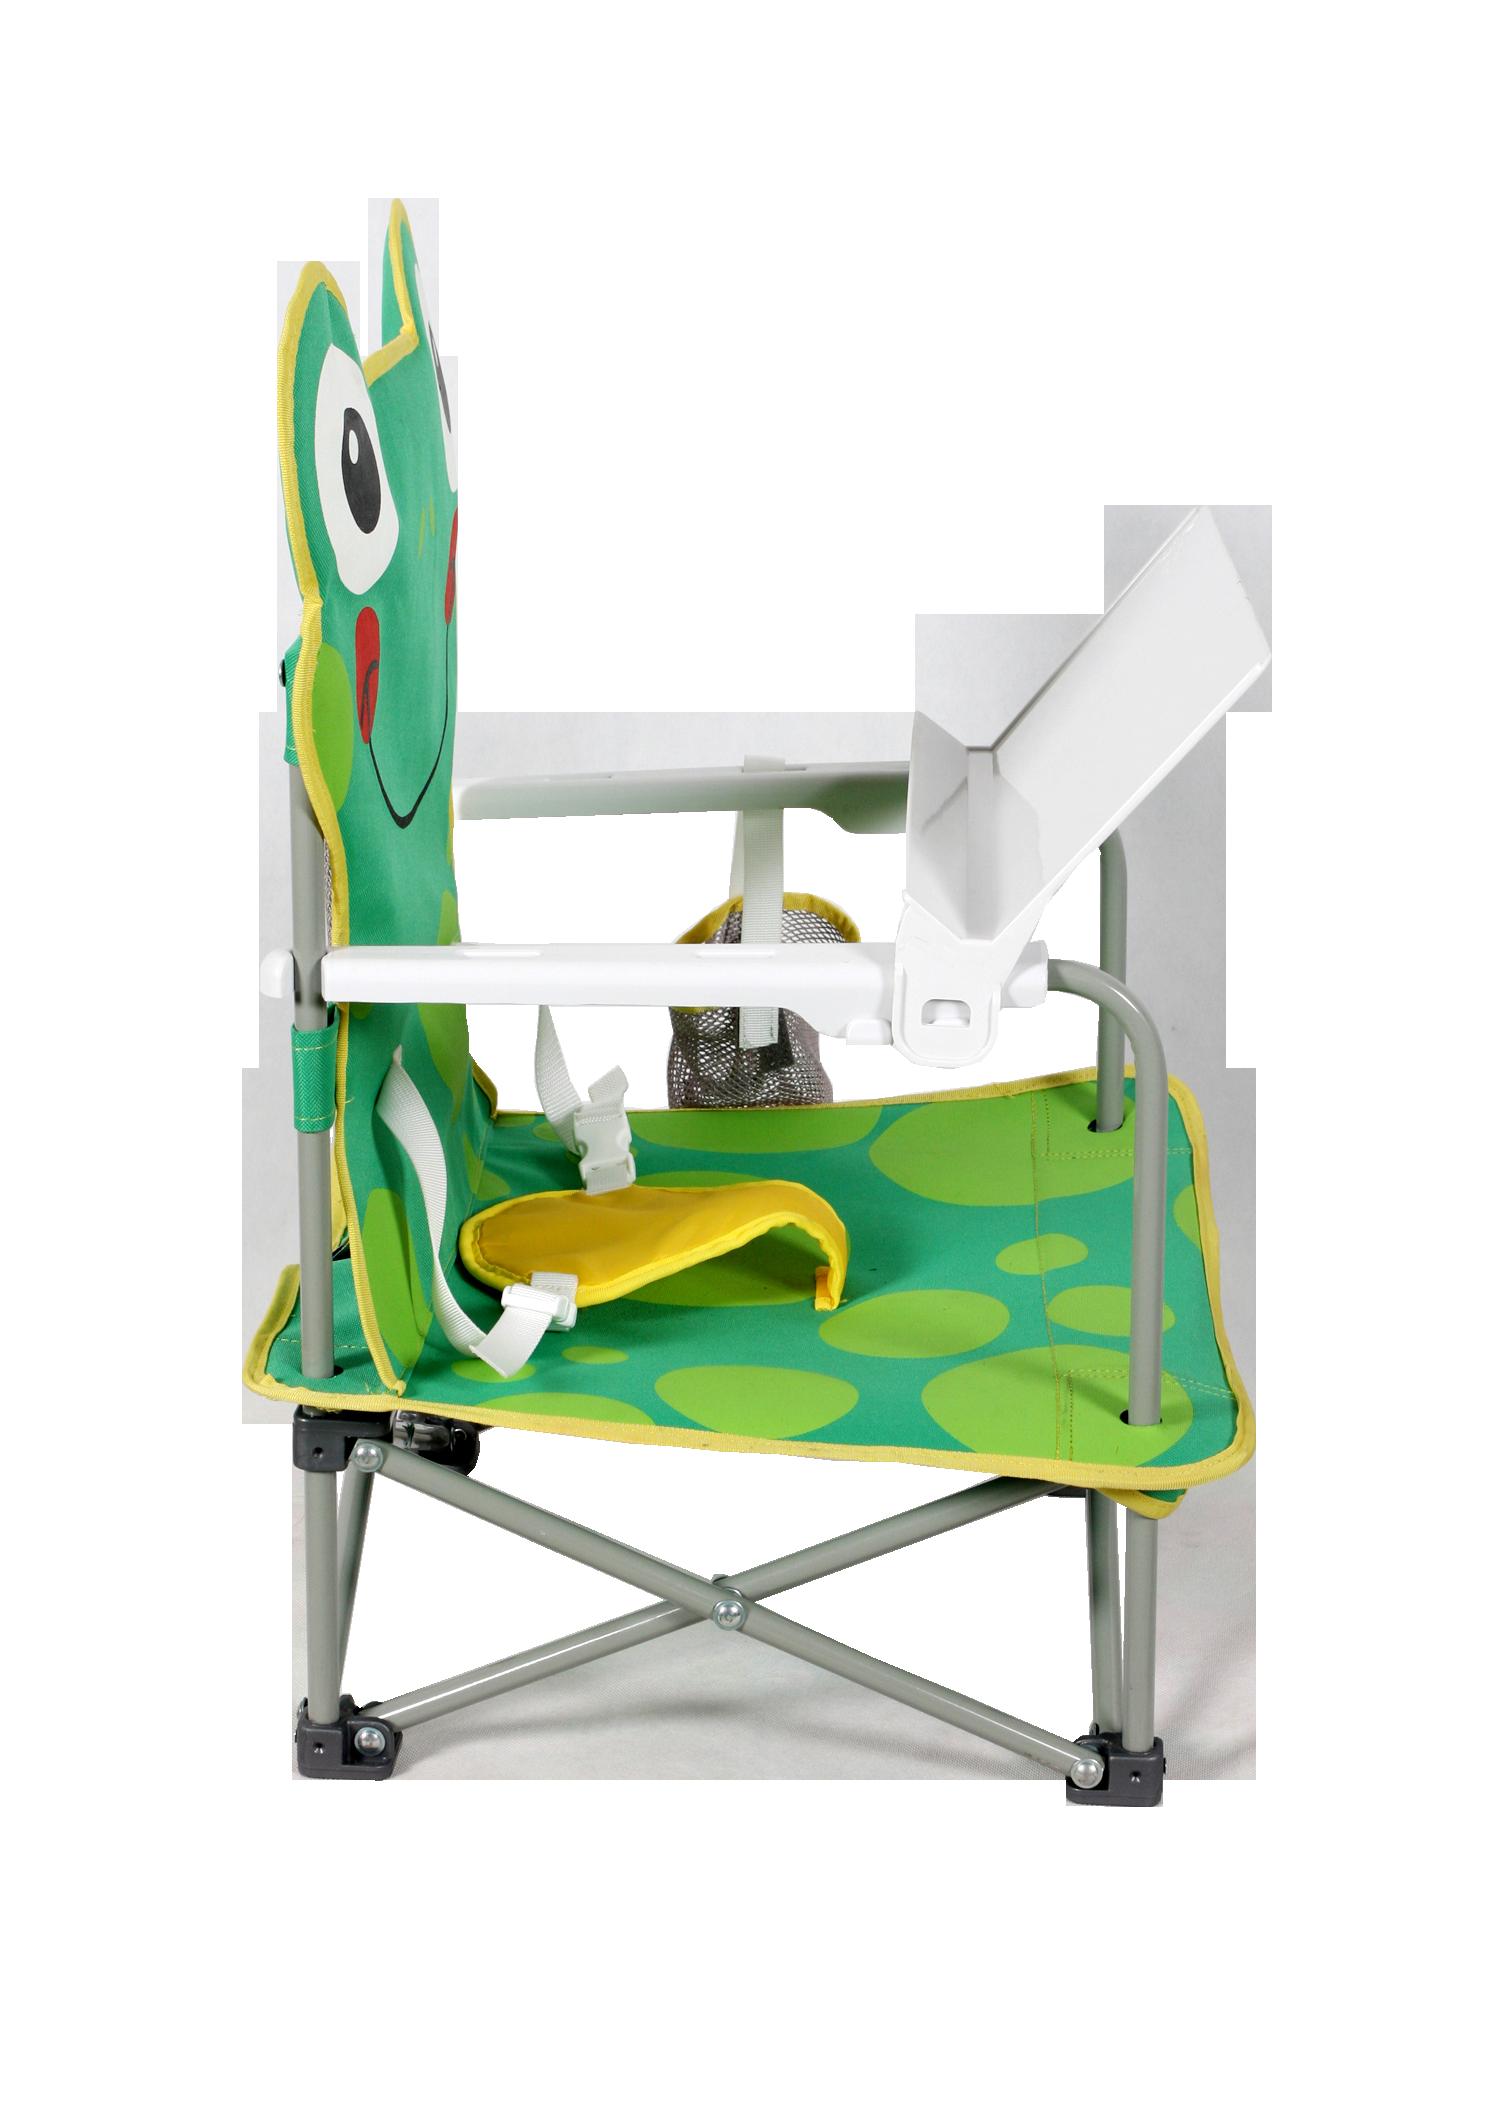 Ghế ăn đa năng Beesmart (Hình Ếch)